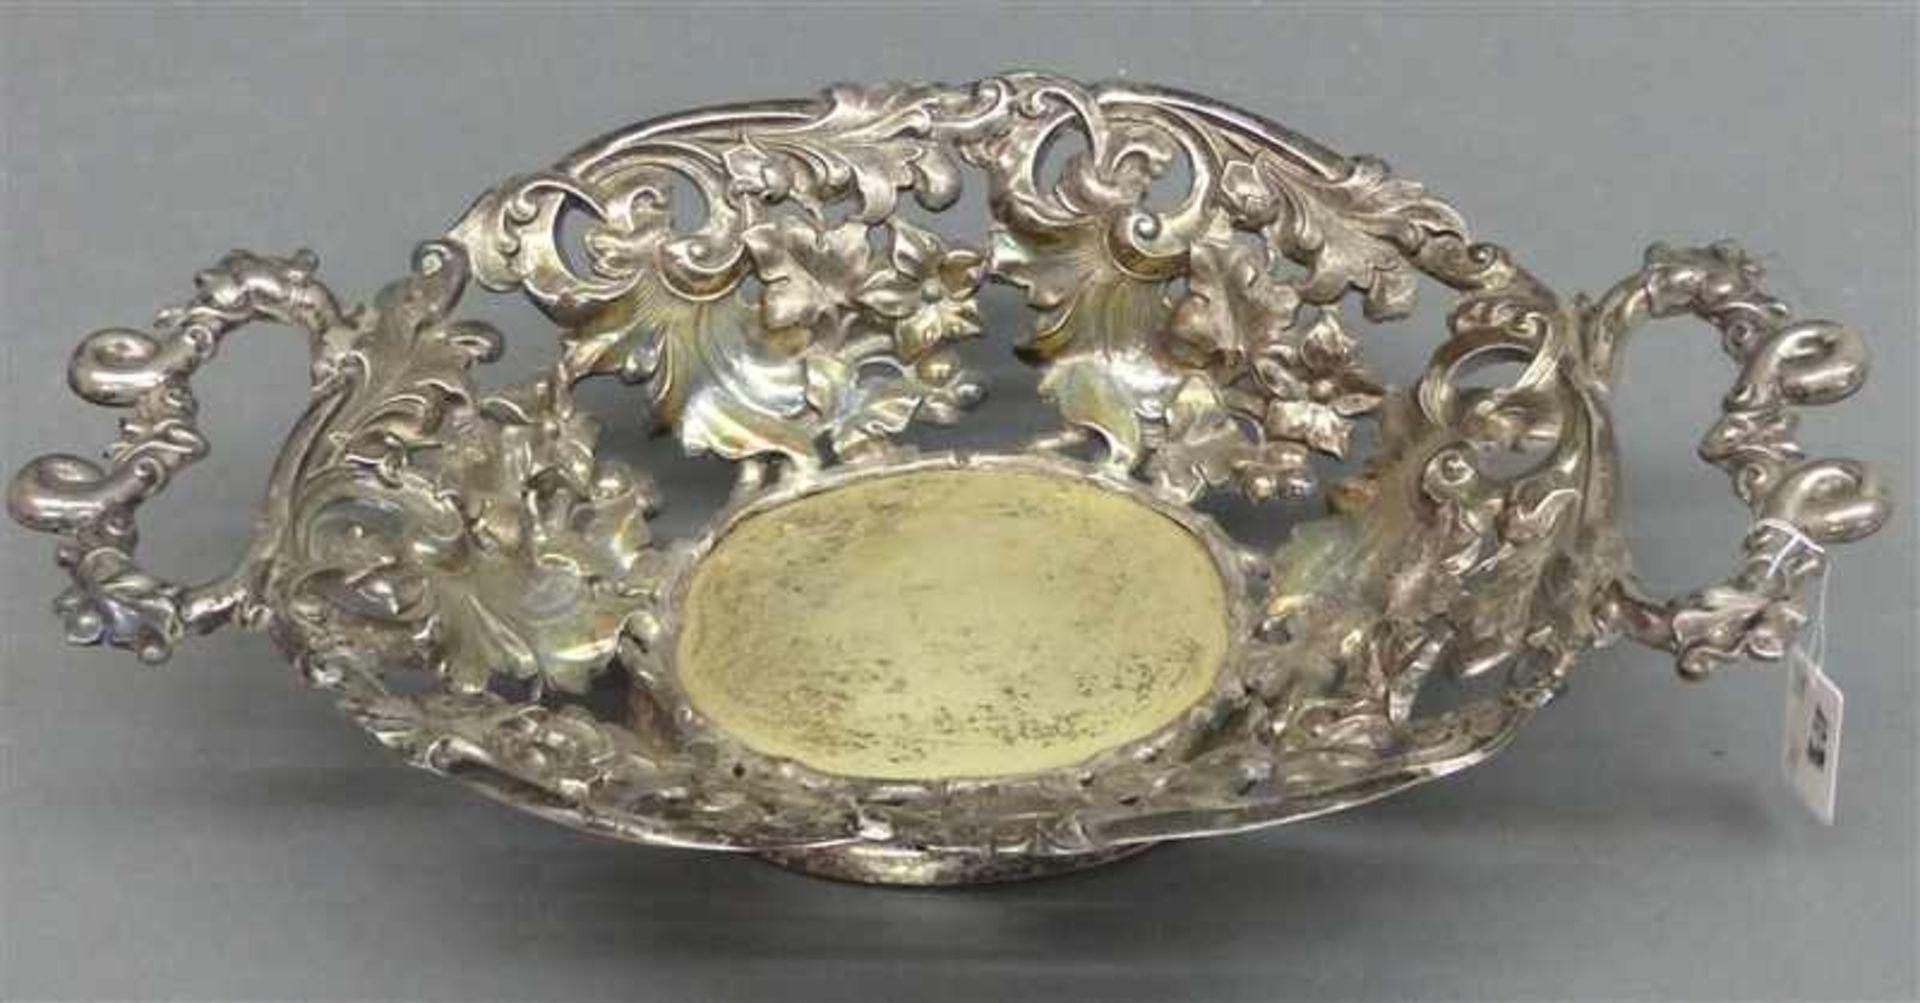 Los 1038 - Henkelschale, 19. Jh. Silber, durchbrochen gearbeitet, florales Dekor, minim. beschädigt,